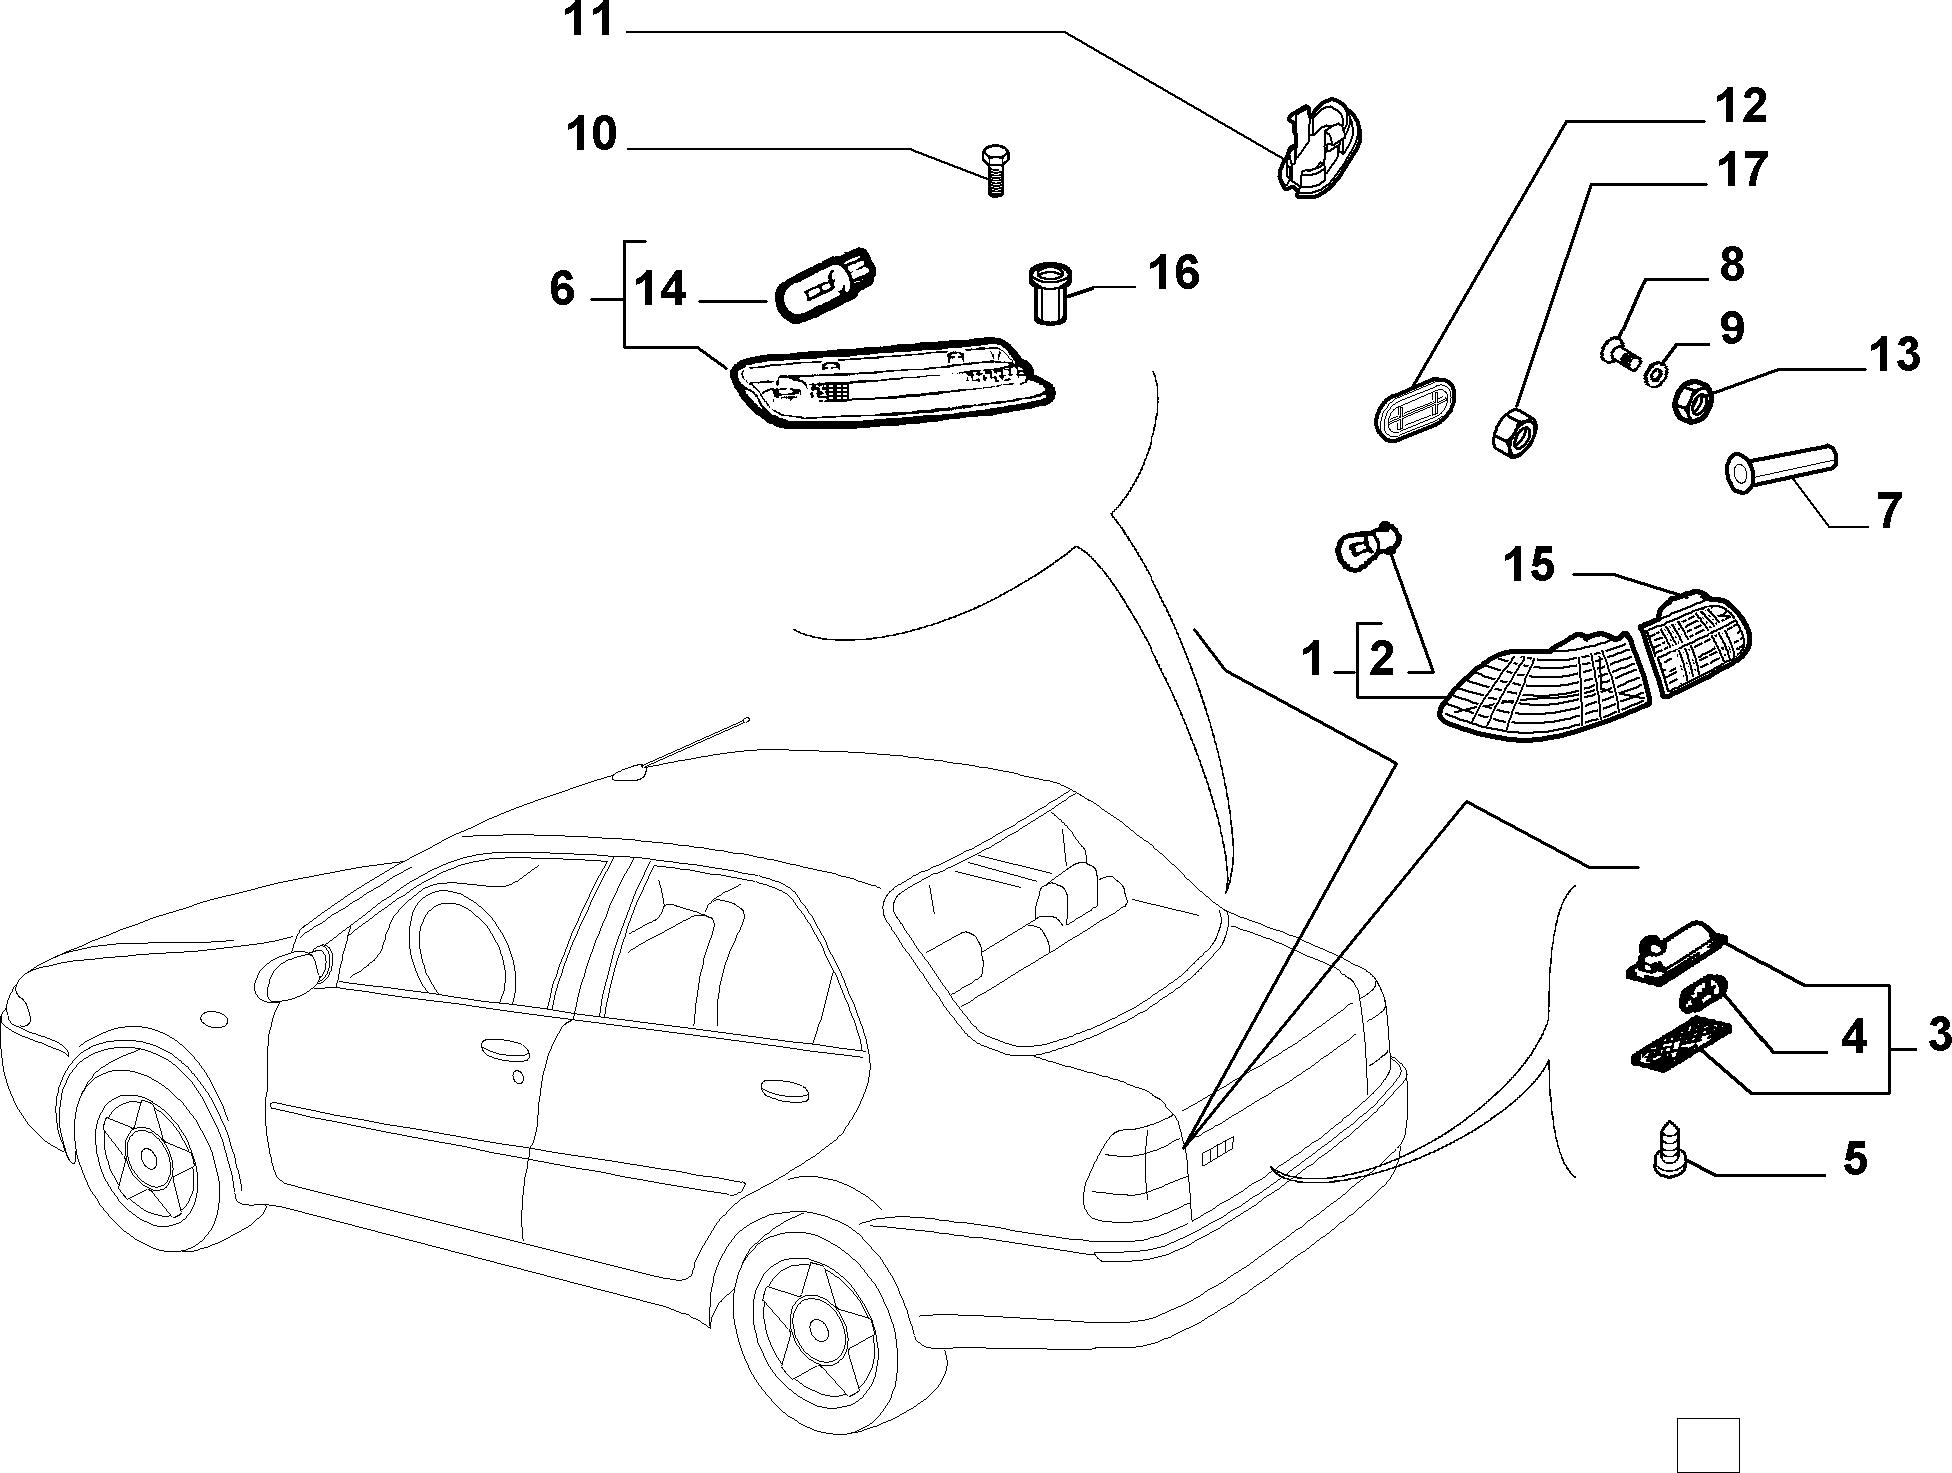 55401/05 НАРУЖНОЕ ОСВЕЩЕНИЕ